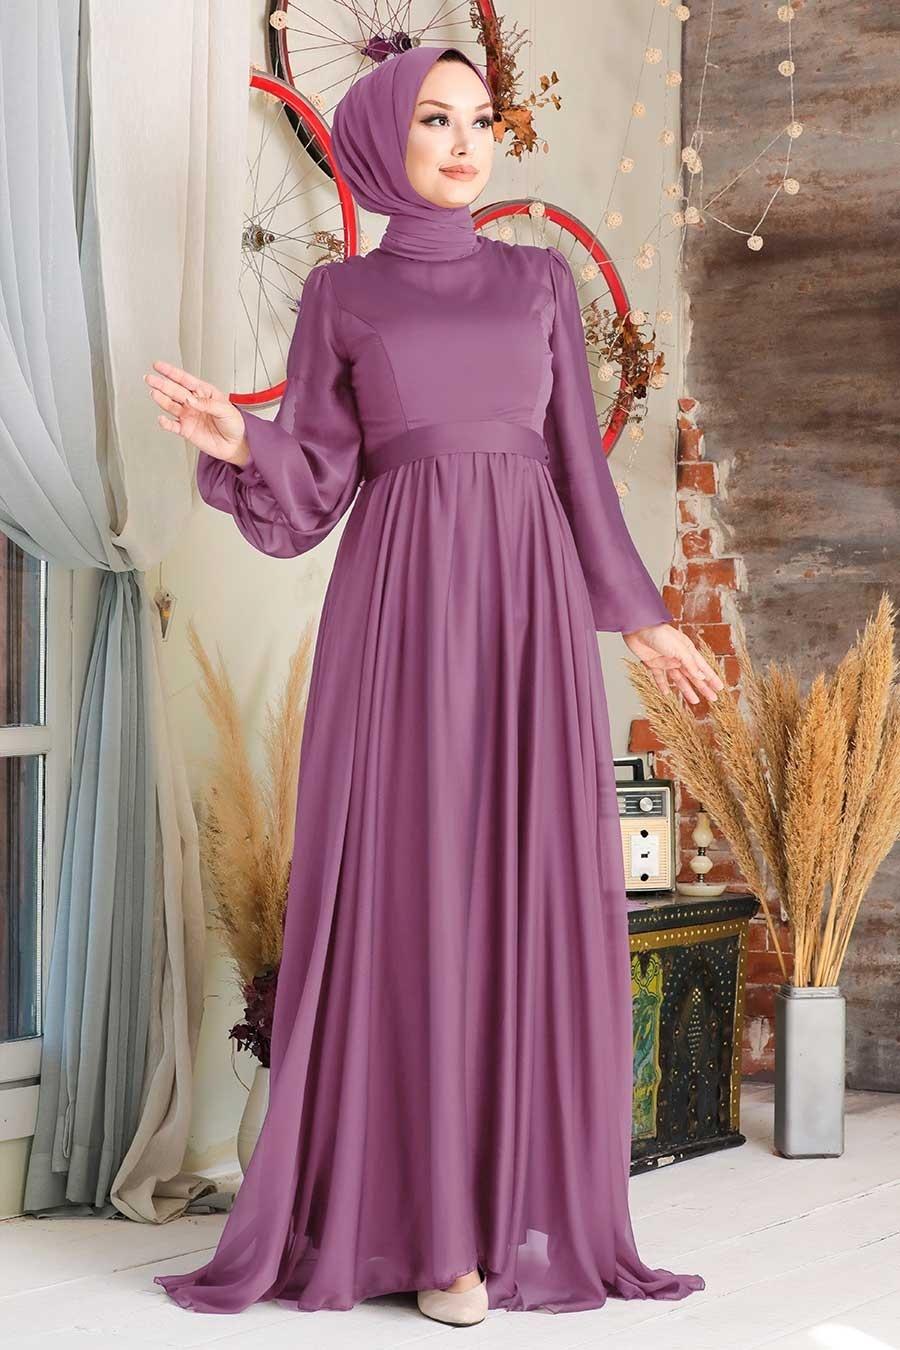 Tesettürlü Abiye Elbise - Balon Kol Koyu Gül Kurusu Tesettür Abiye Elbise 5215KGK